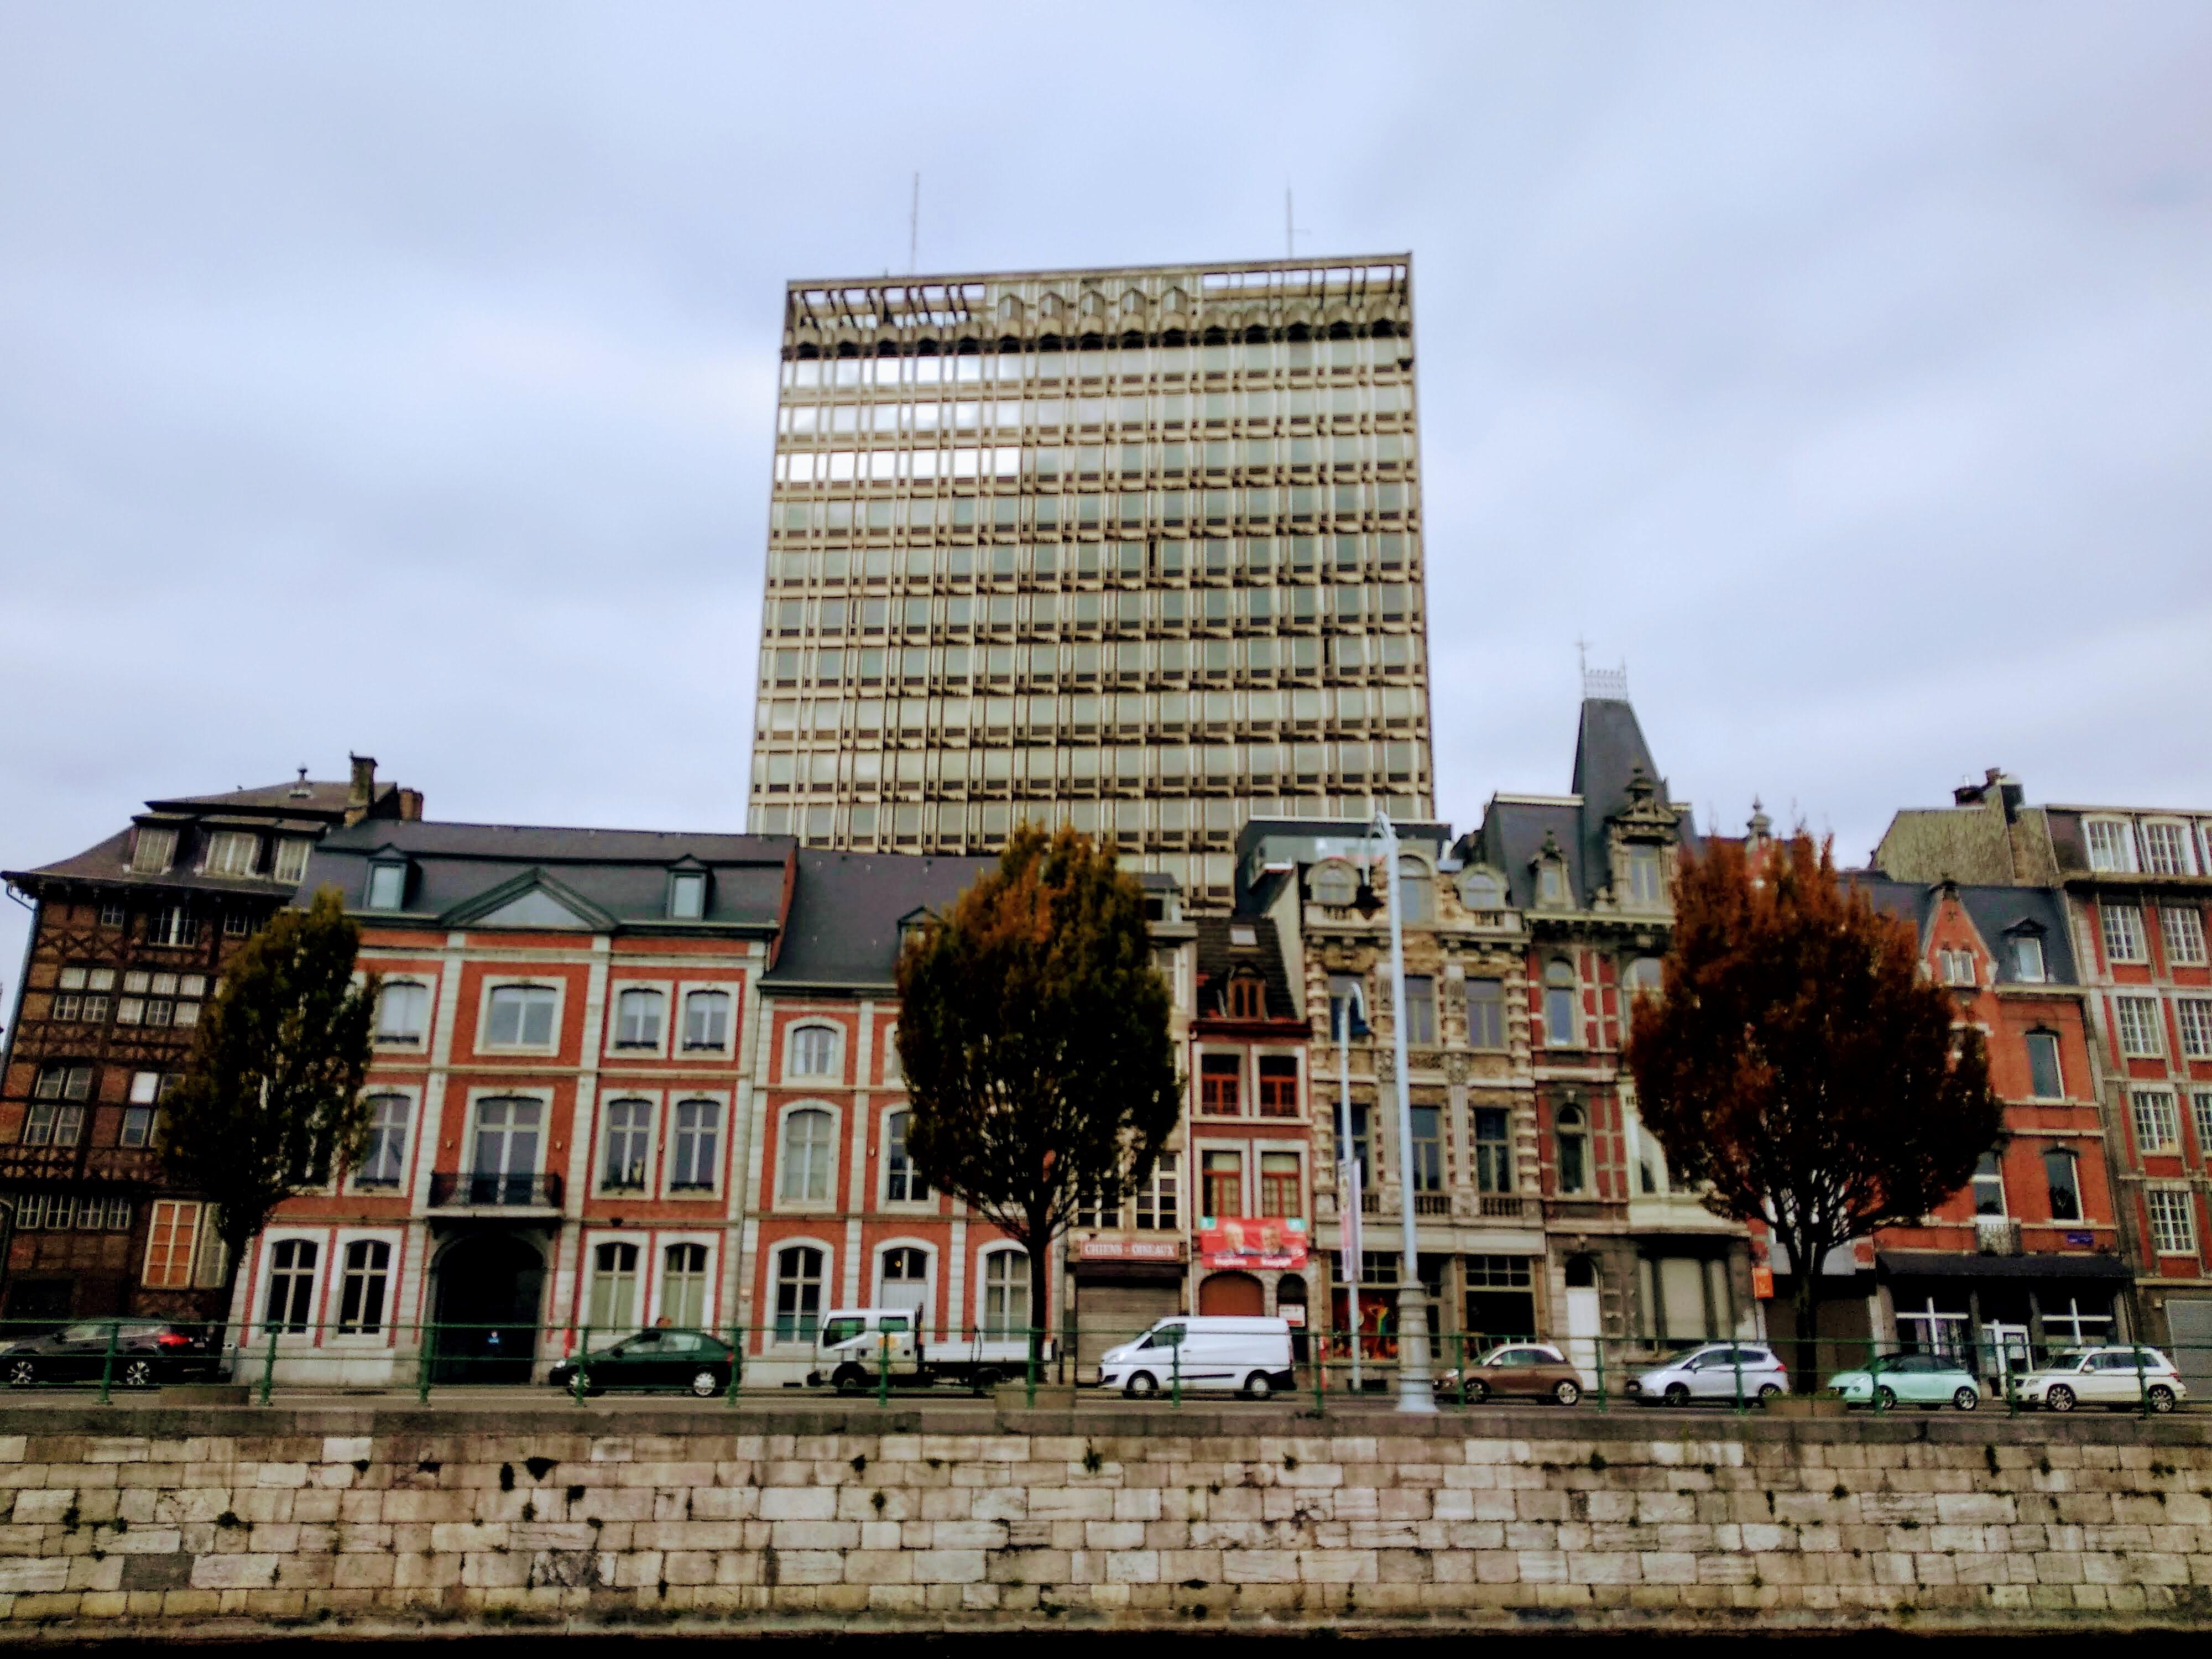 Kurze Zeit später war der Tapetenwechsel vollzogen: Liège, Luik, Lüttich! Nicht alle waren angetan von der neuen Oberfläche.